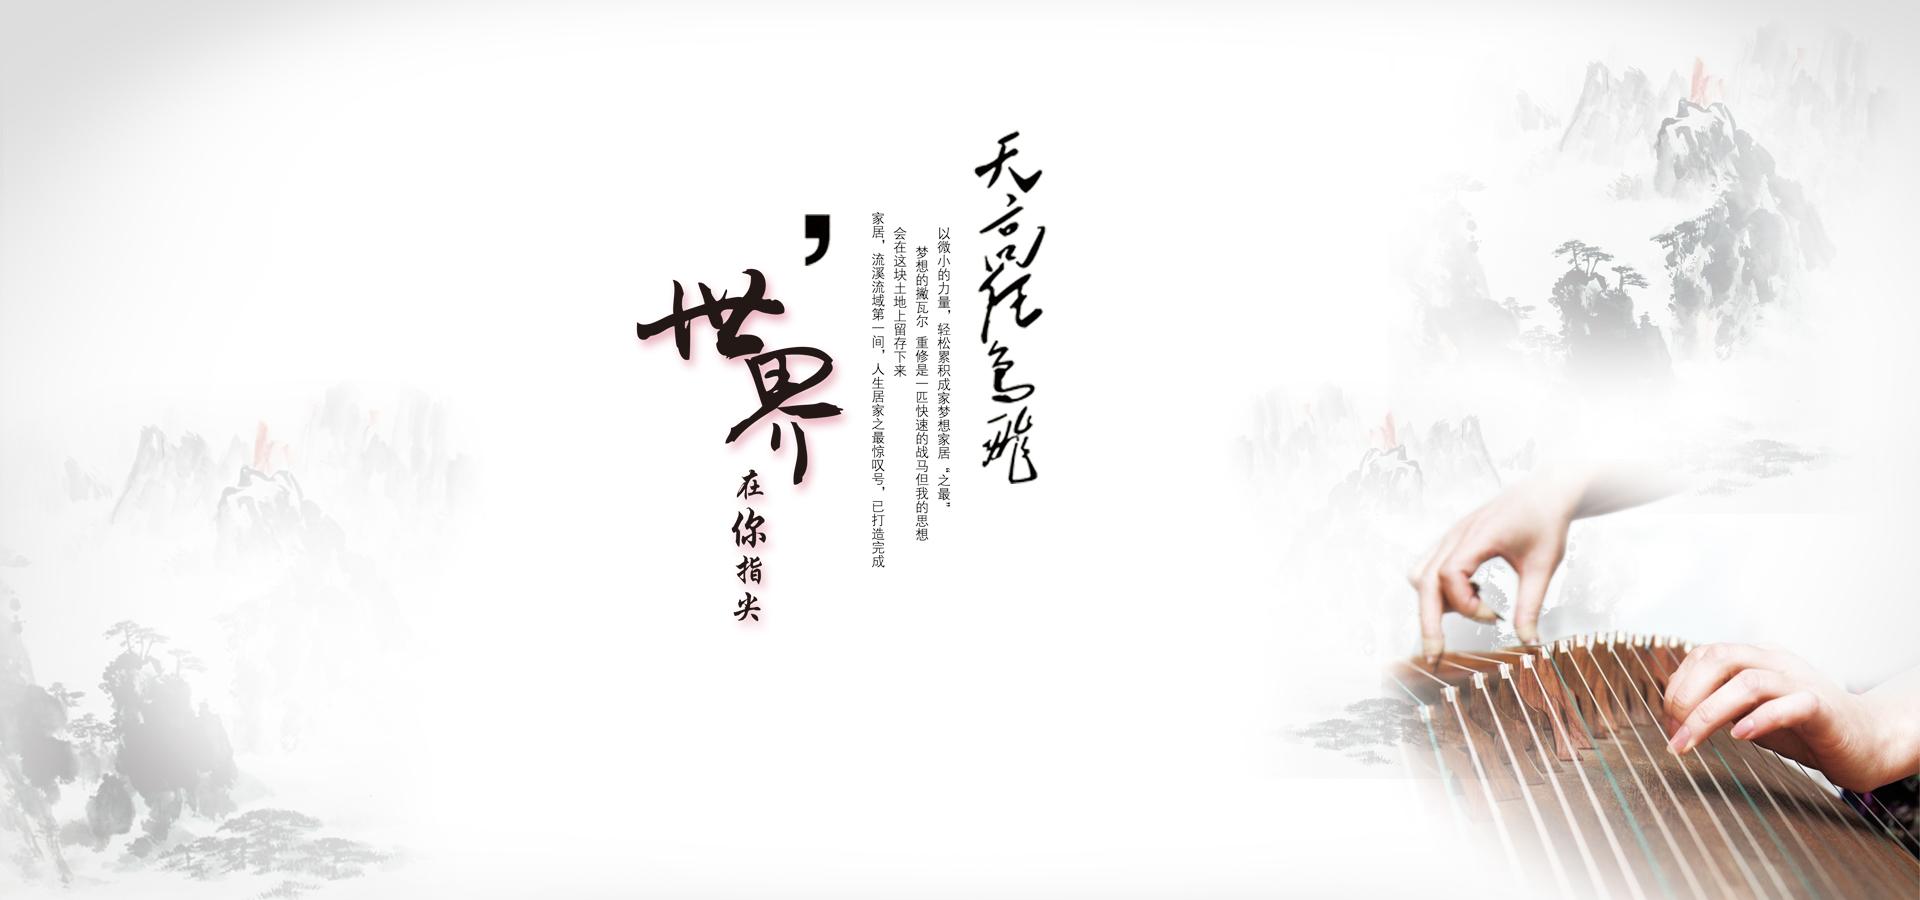 渔舟唱晚古筝谱带指法